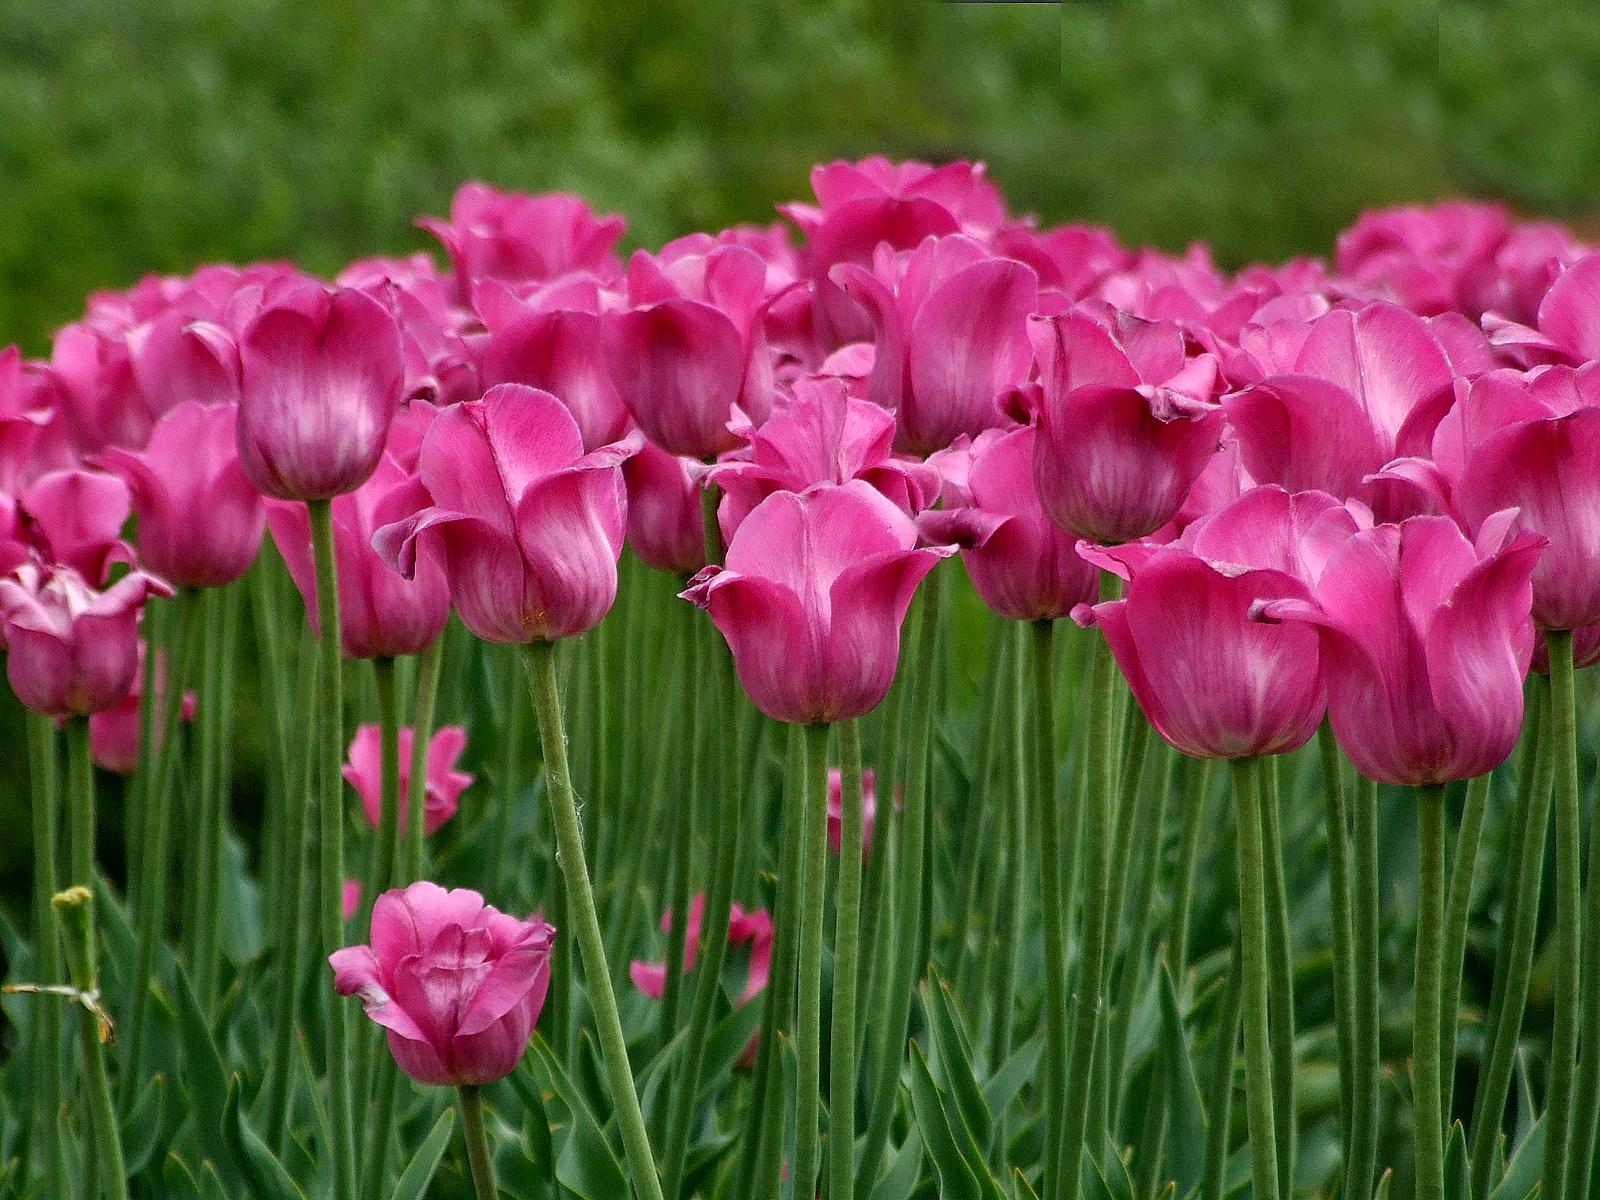 Fantastisch Tulpe Blume Malvorlagen Fotos - Entry Level Resume ...